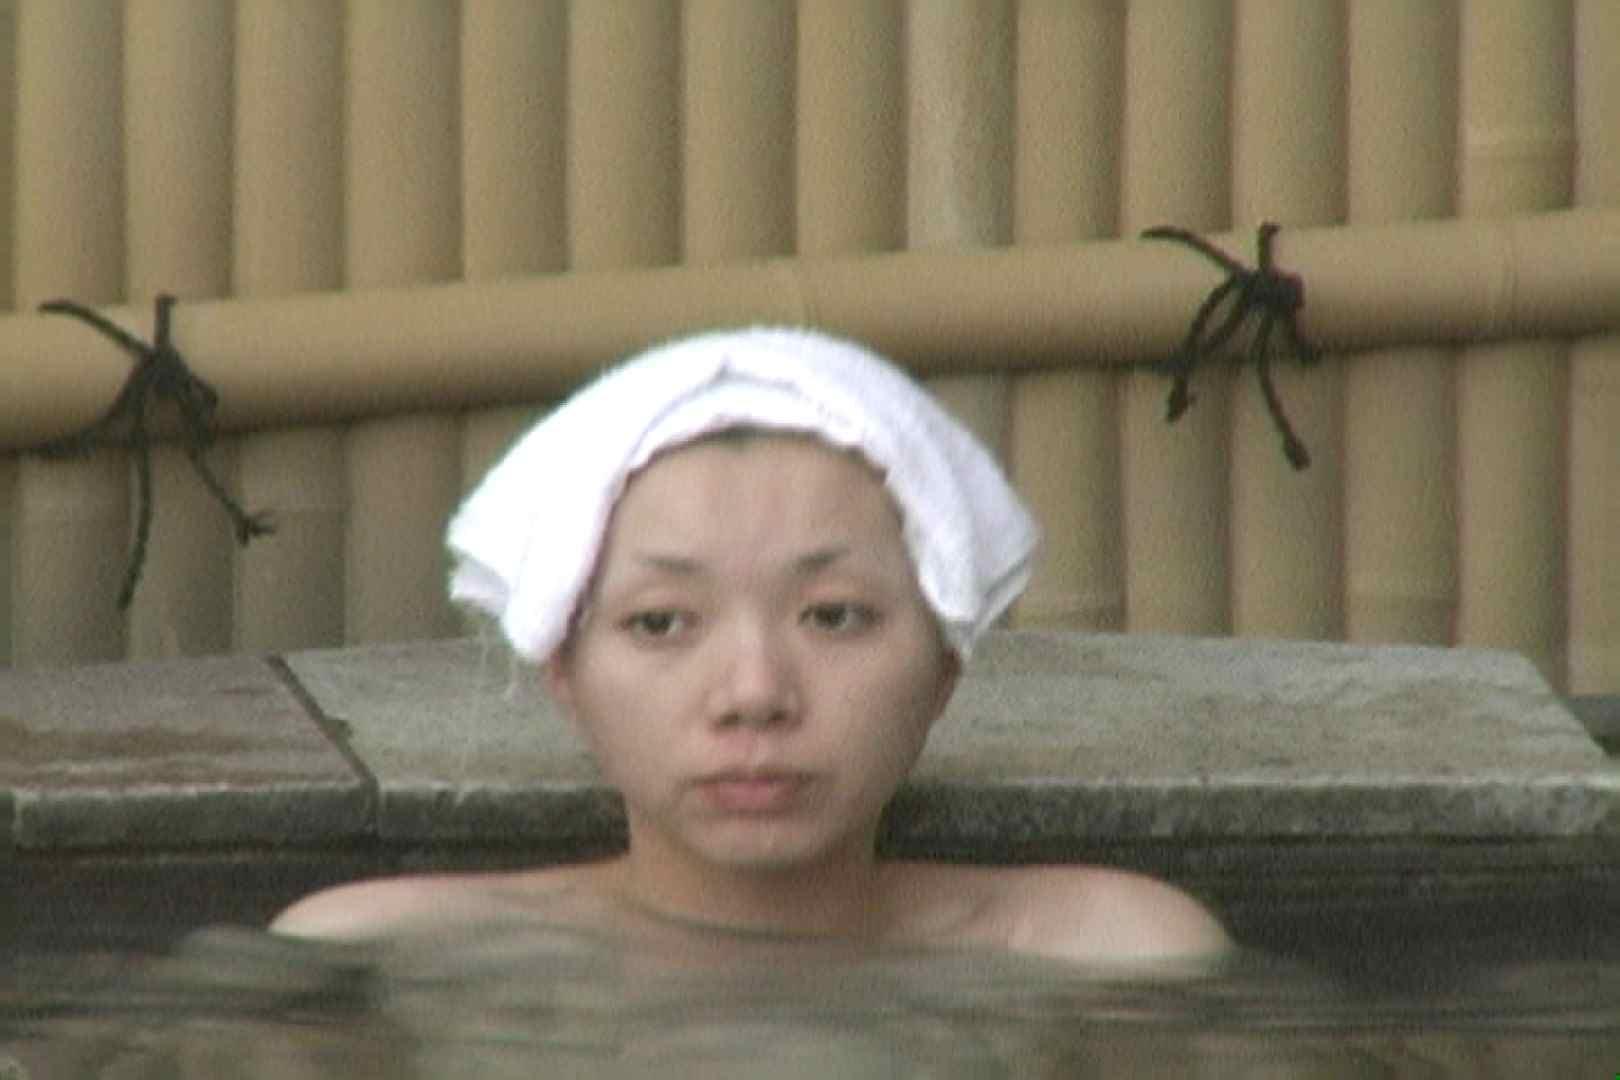 Aquaな露天風呂Vol.630 OLエロ画像  110PICs 57